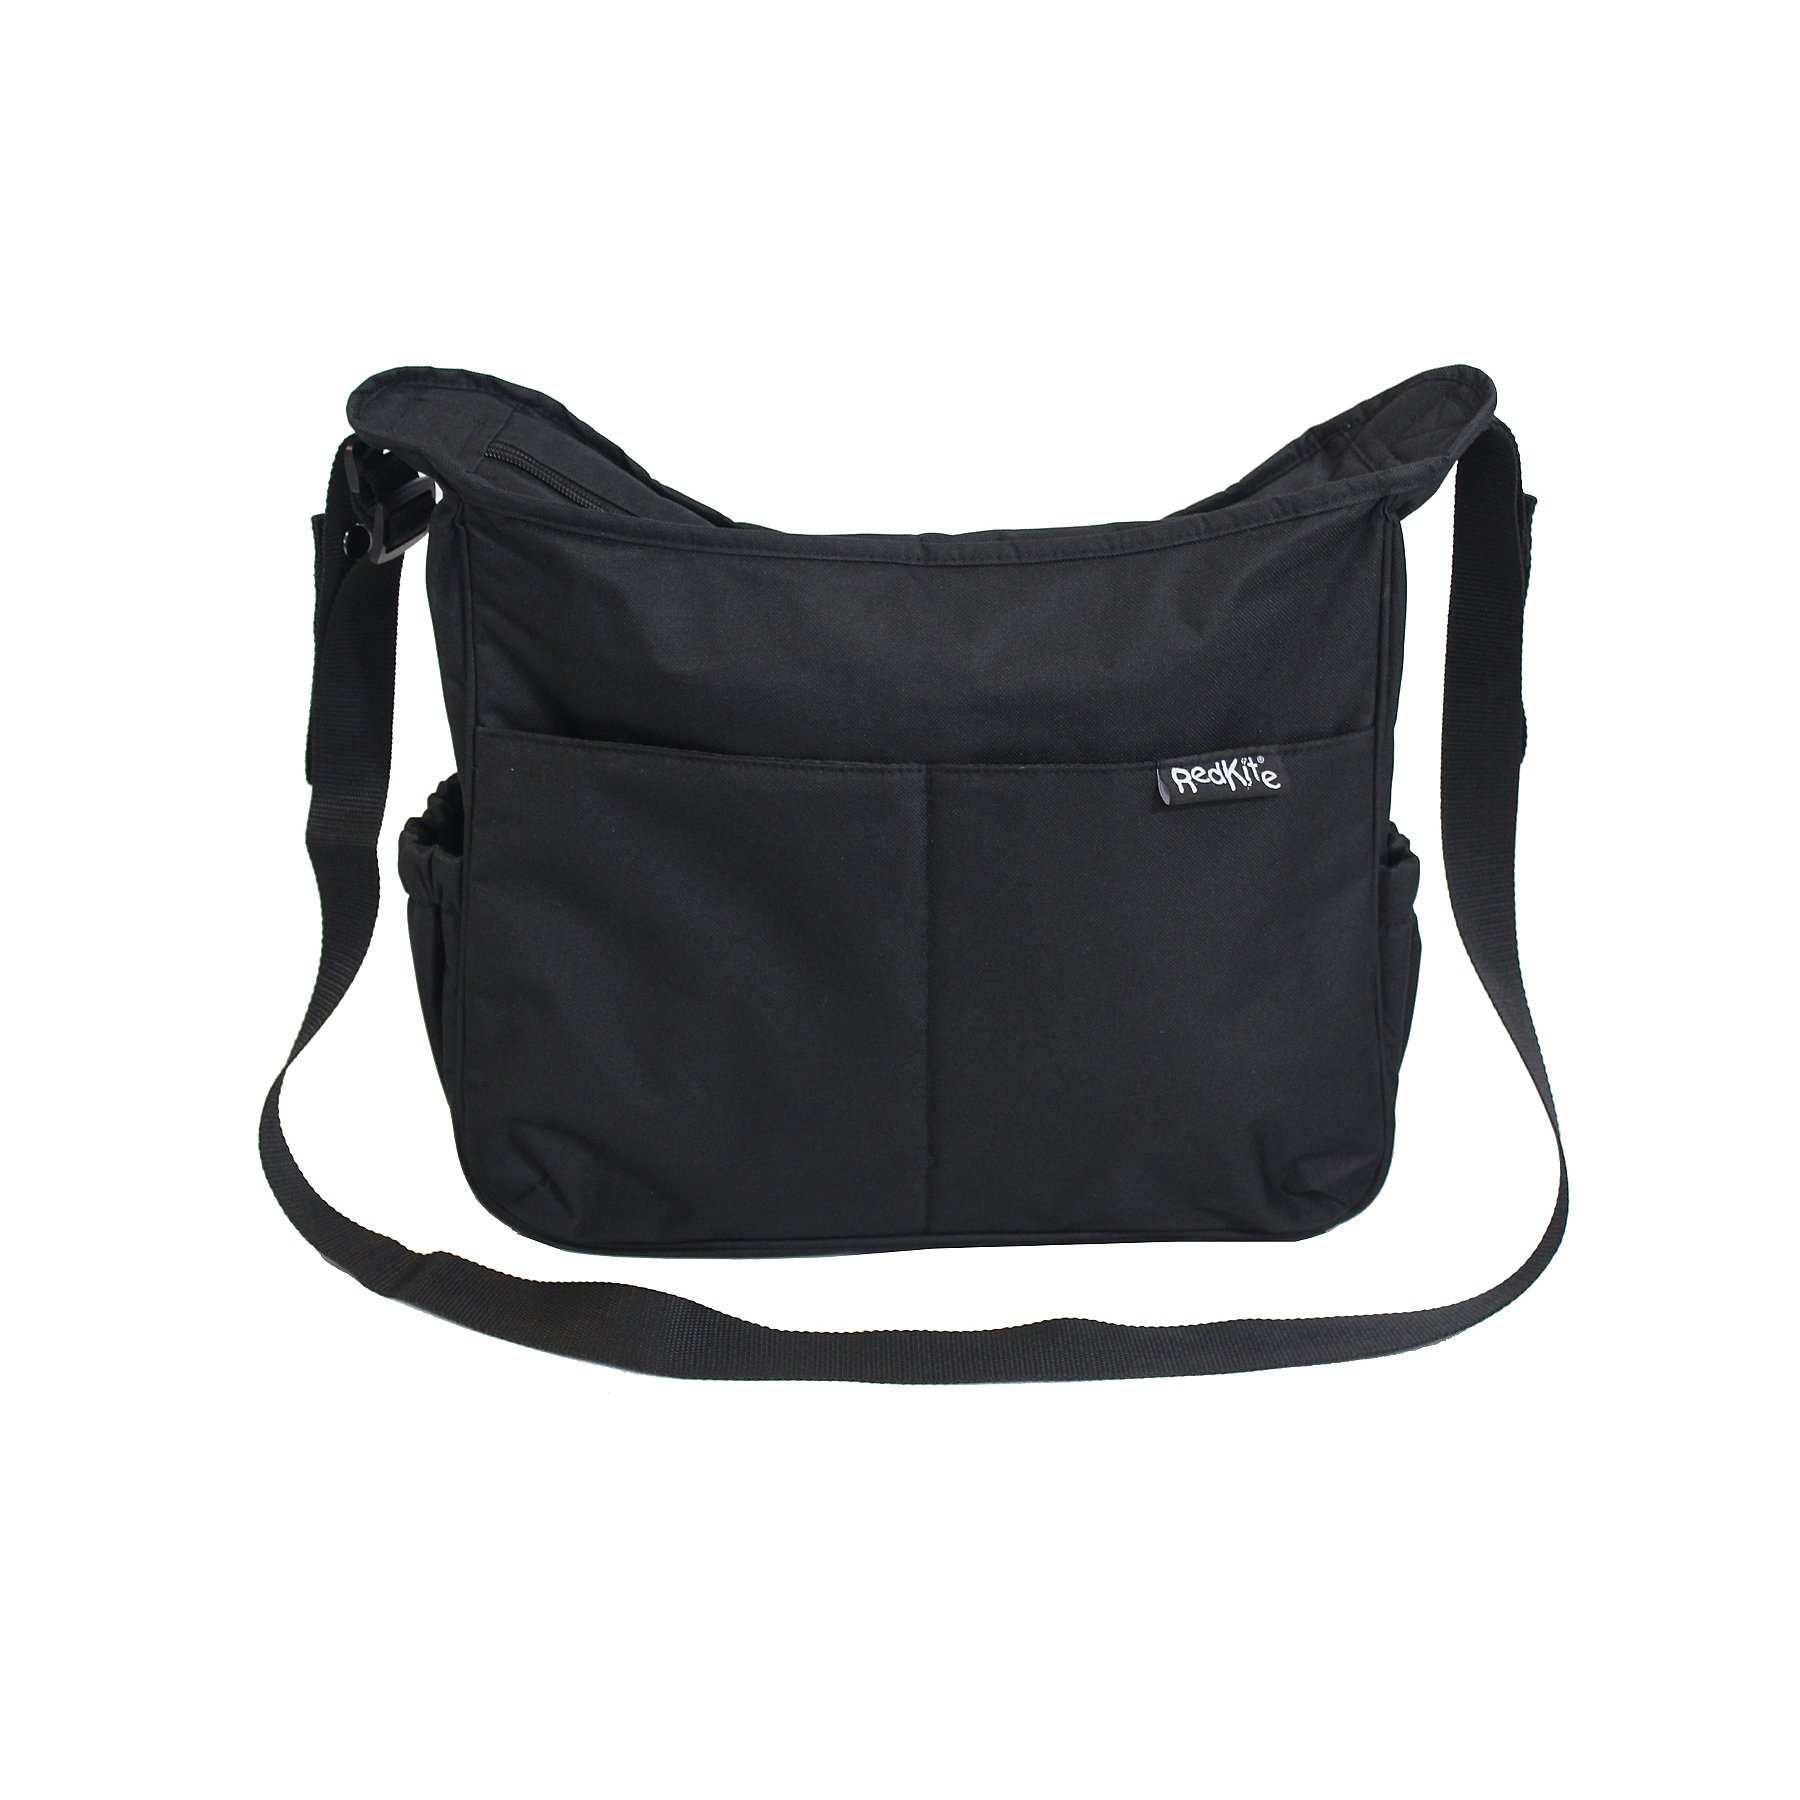 Redkite Change Me Bristol Changing Bag